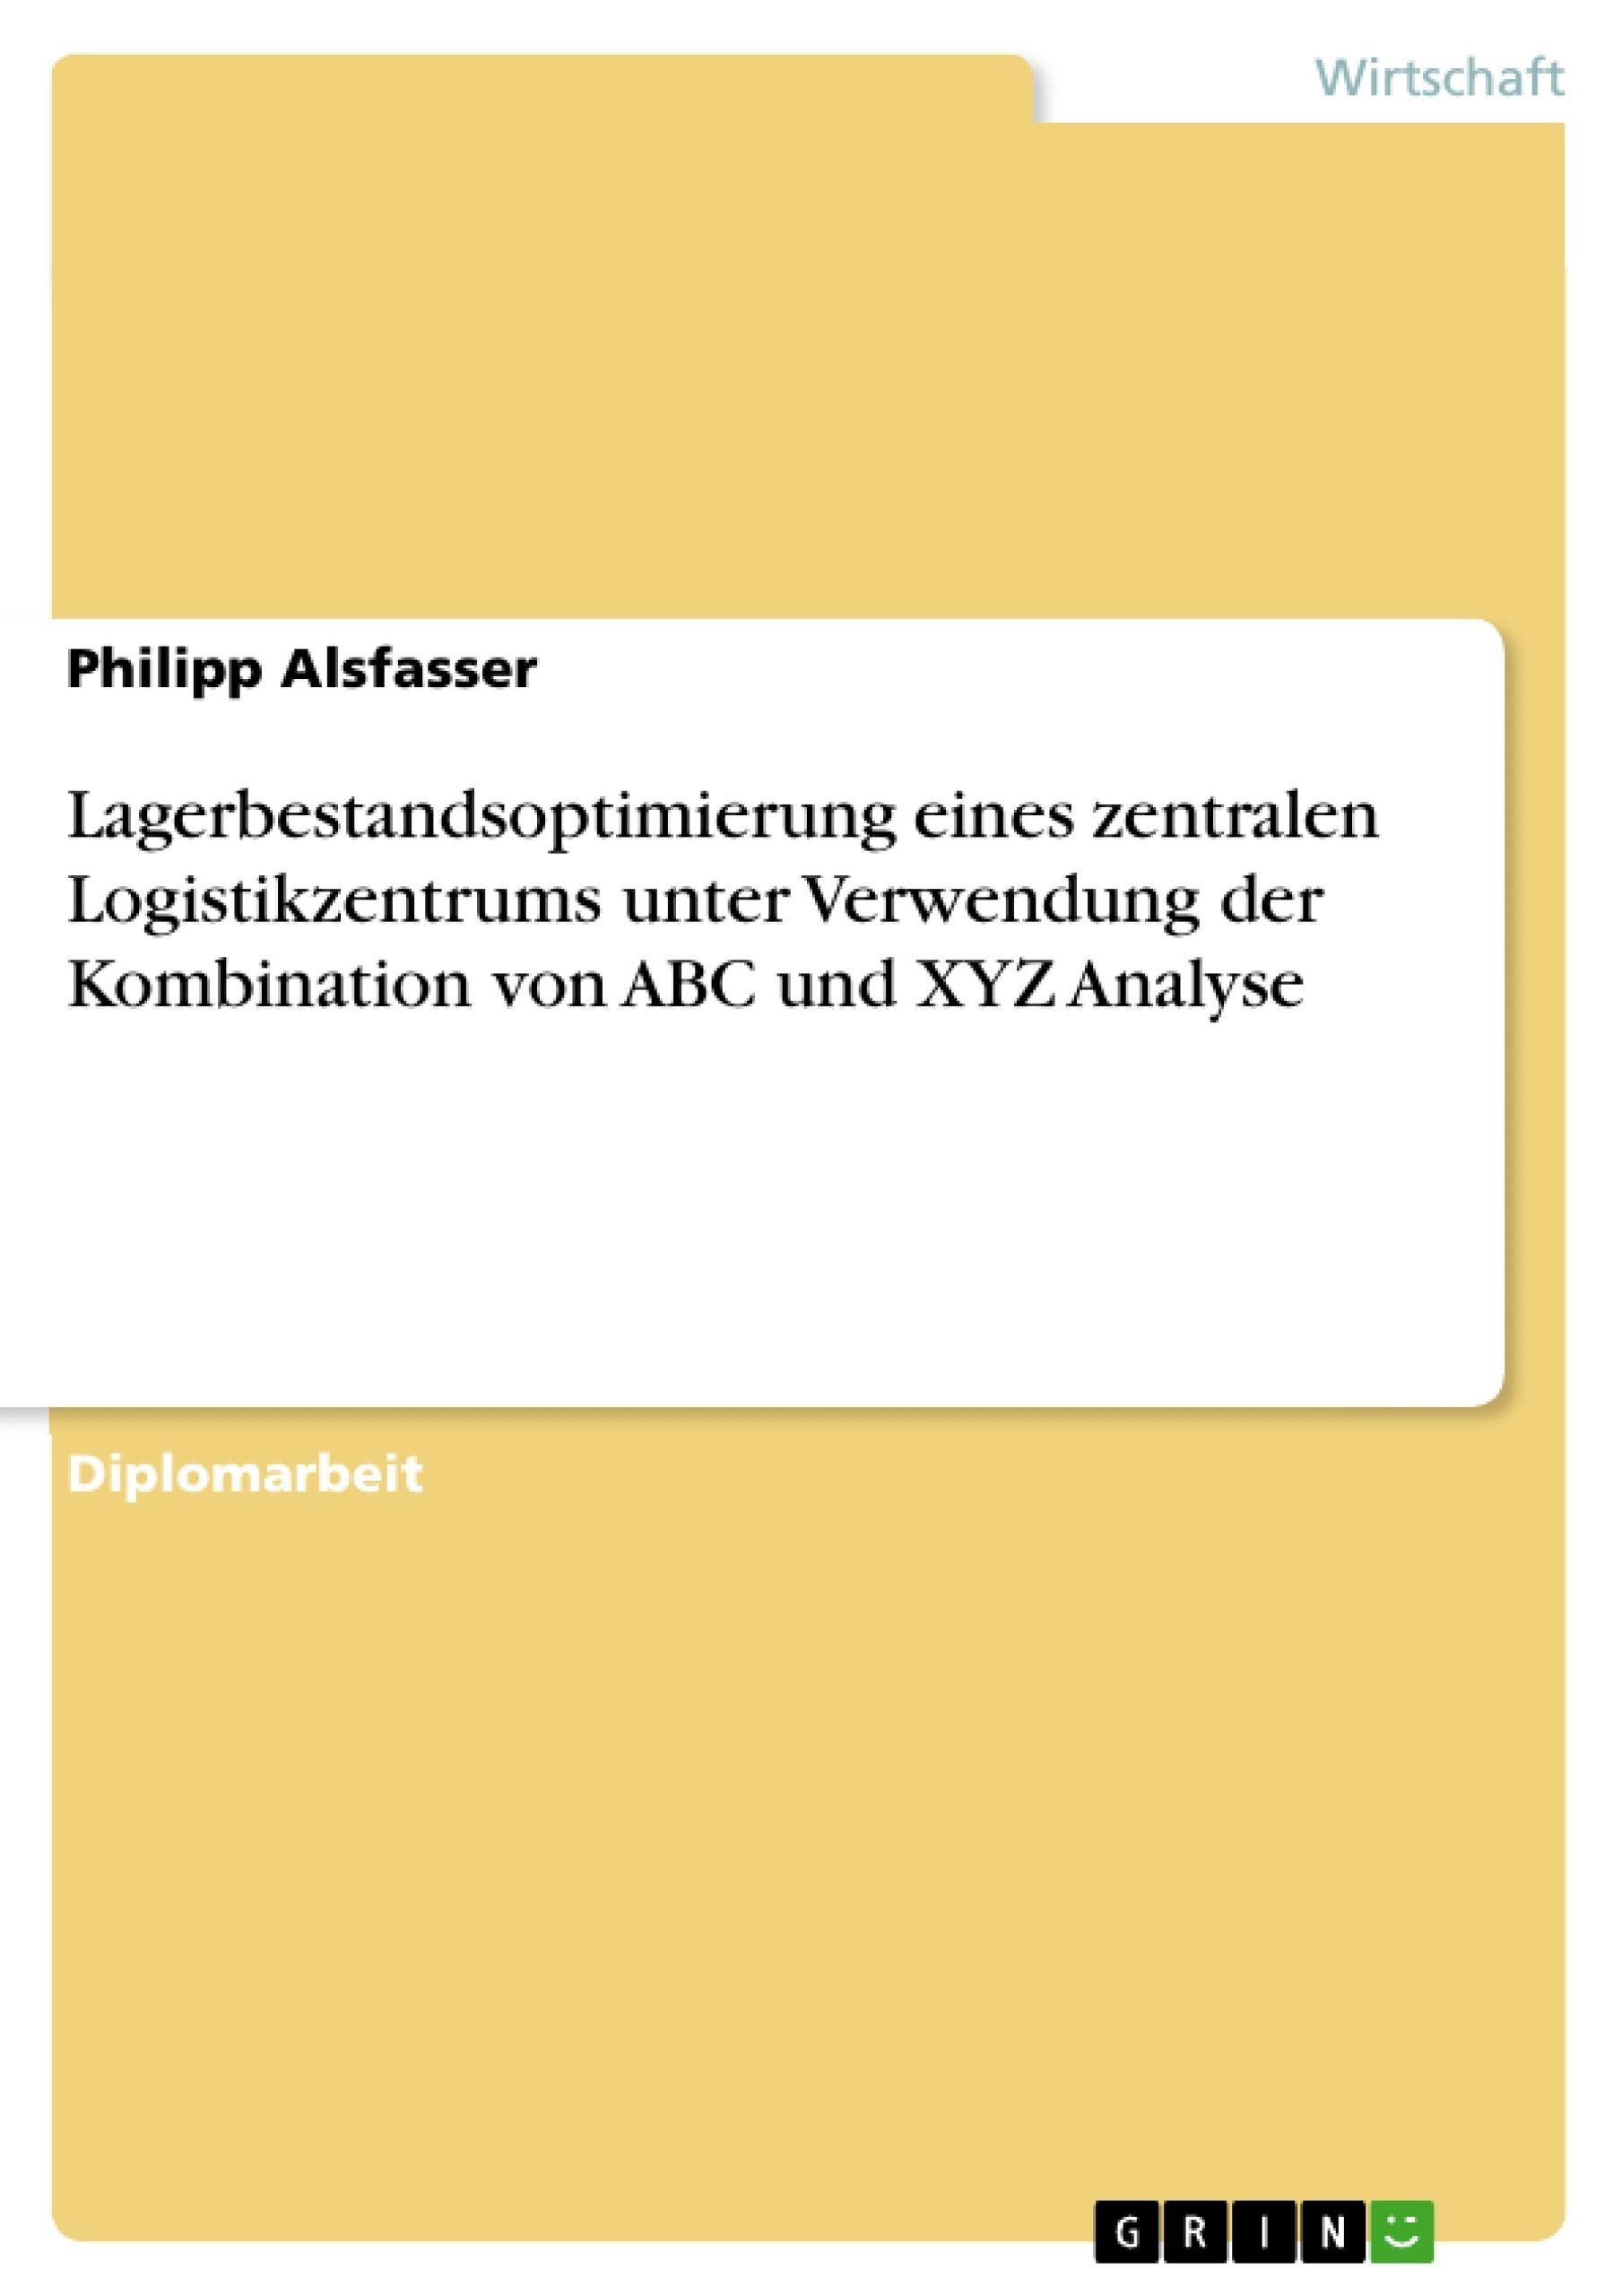 Titel: Lagerbestandsoptimierung eines zentralen Logistikzentrums unter Verwendung der Kombination von ABC und XYZ Analyse